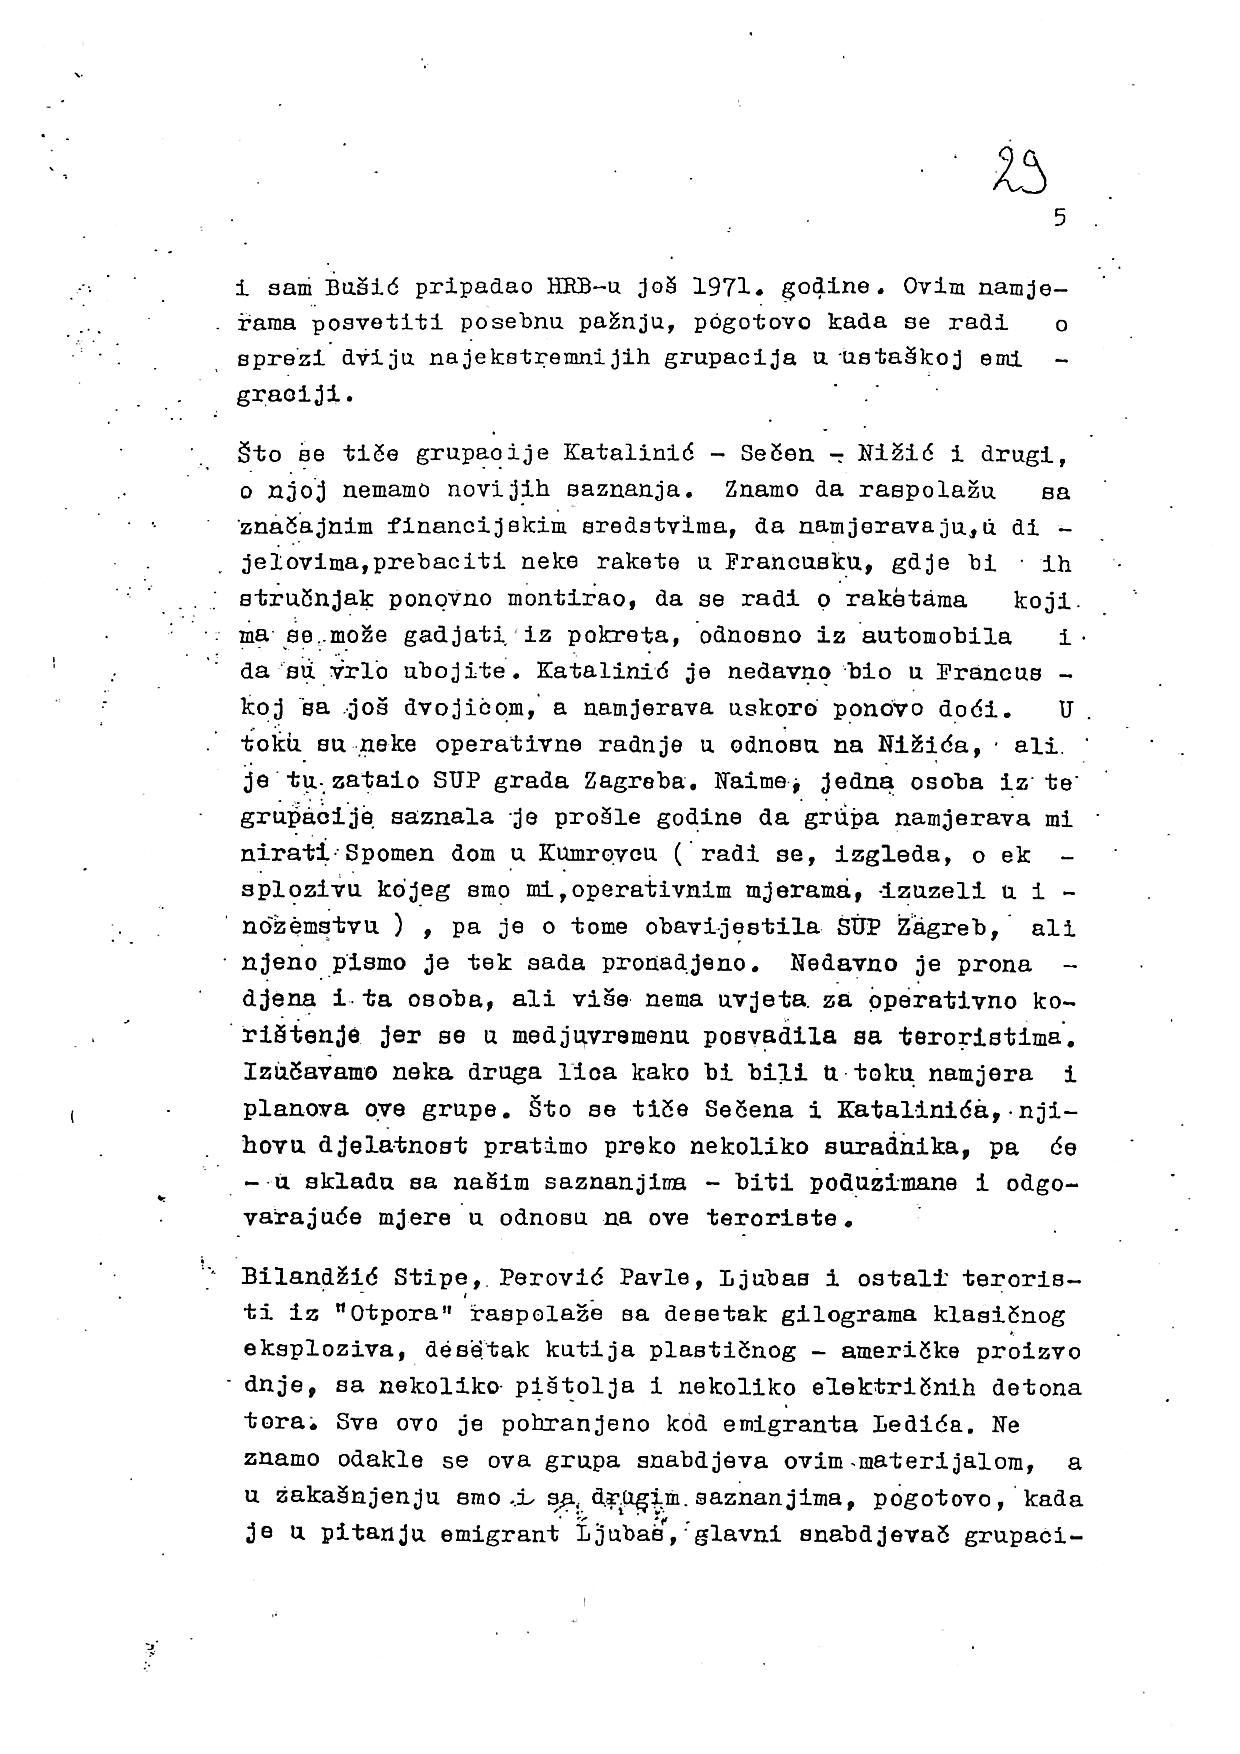 Peta stranica